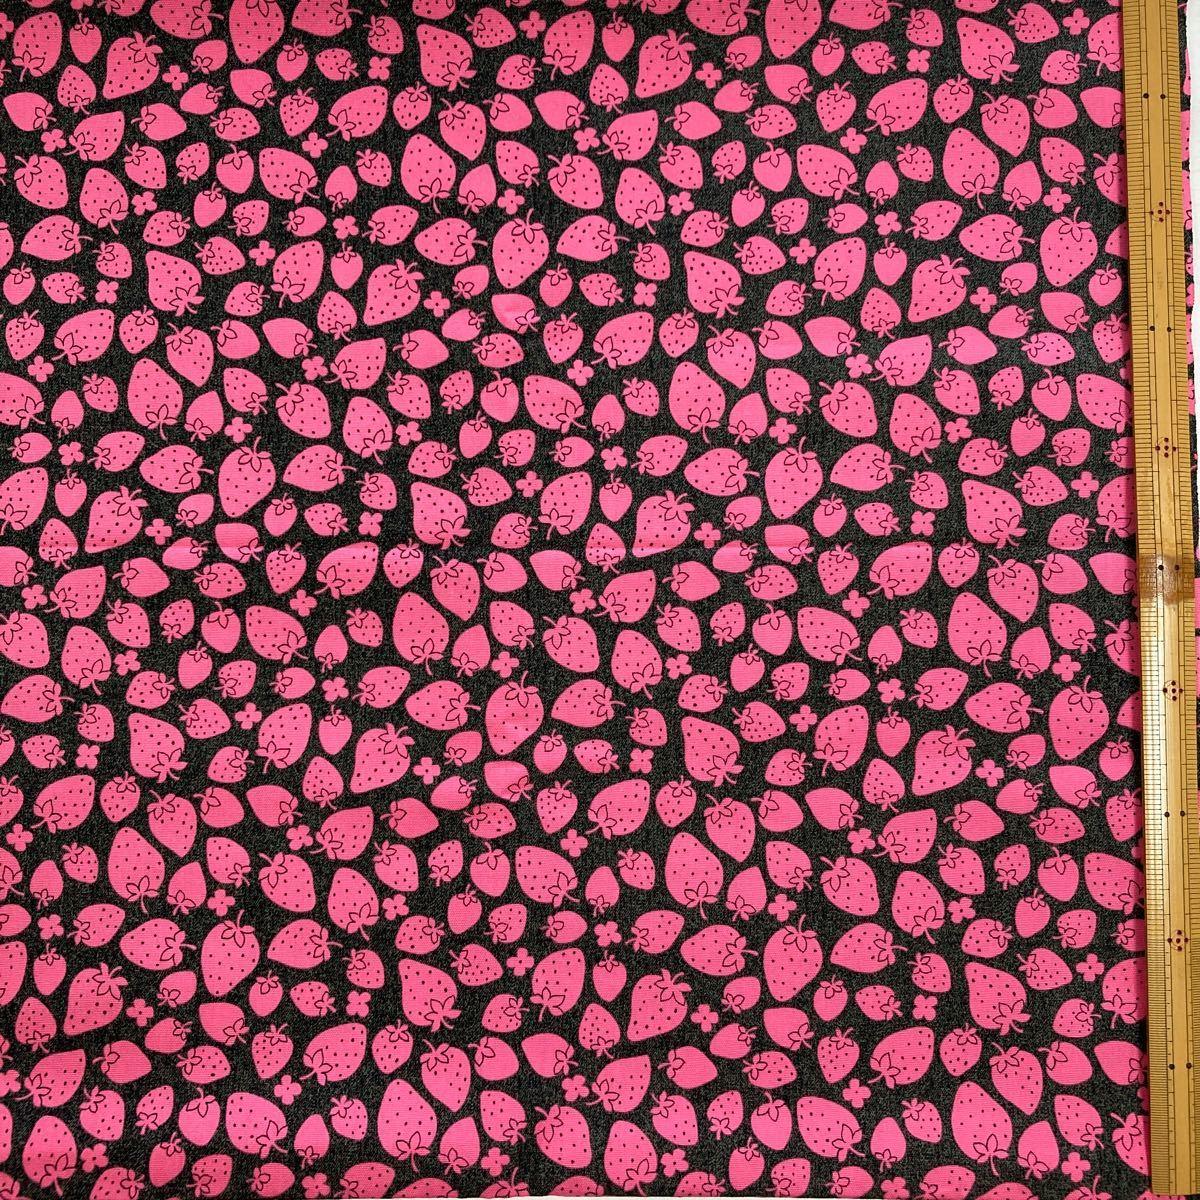 綿オックス:ピンクの苺:生地幅×50:生地ハギレ